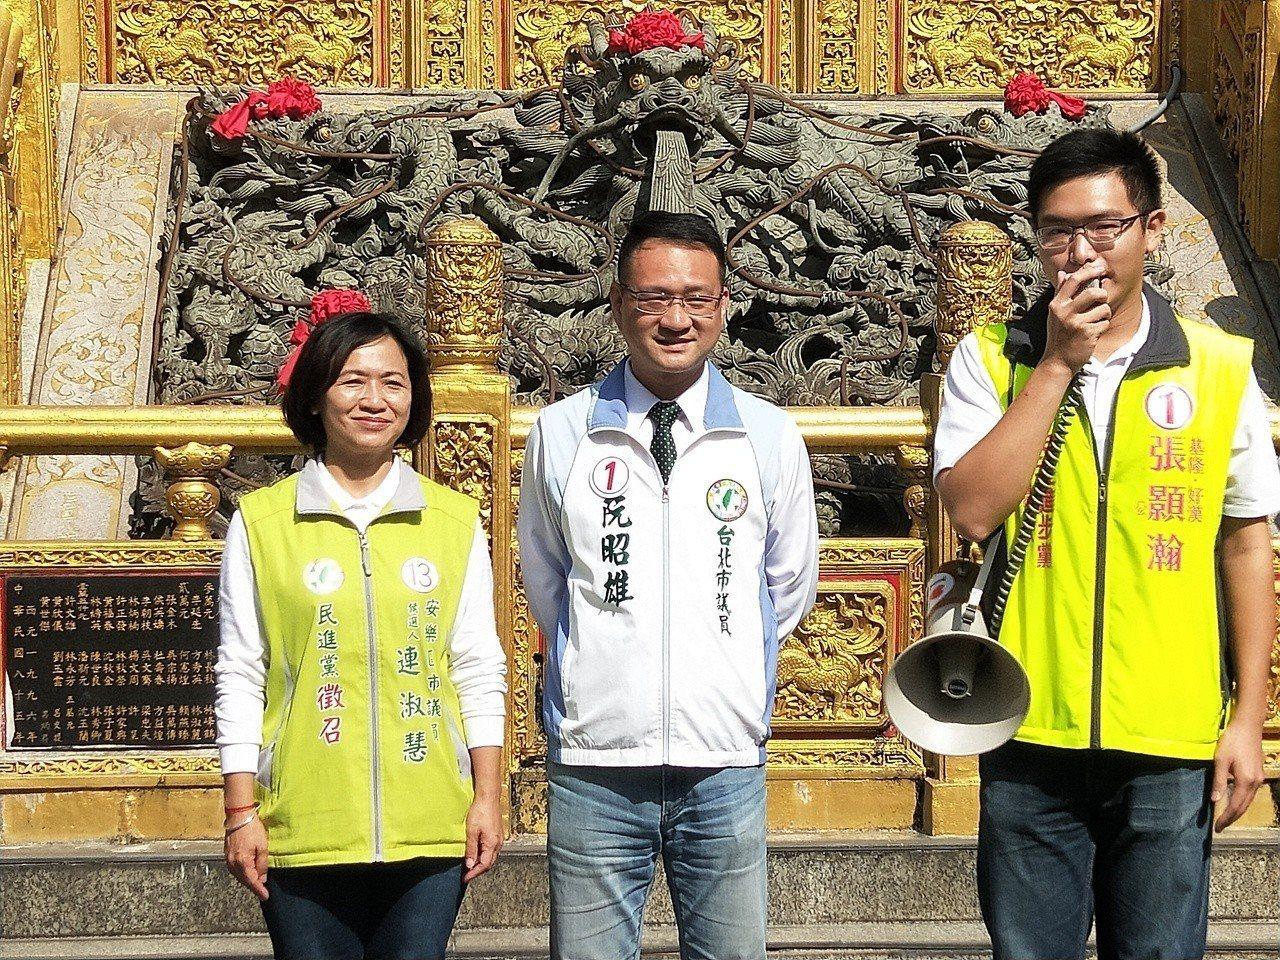 基隆市議員候選人張顥瀚(右)、連淑慧(左)一起簽署加入「首都圈議員防災問政聯盟」...